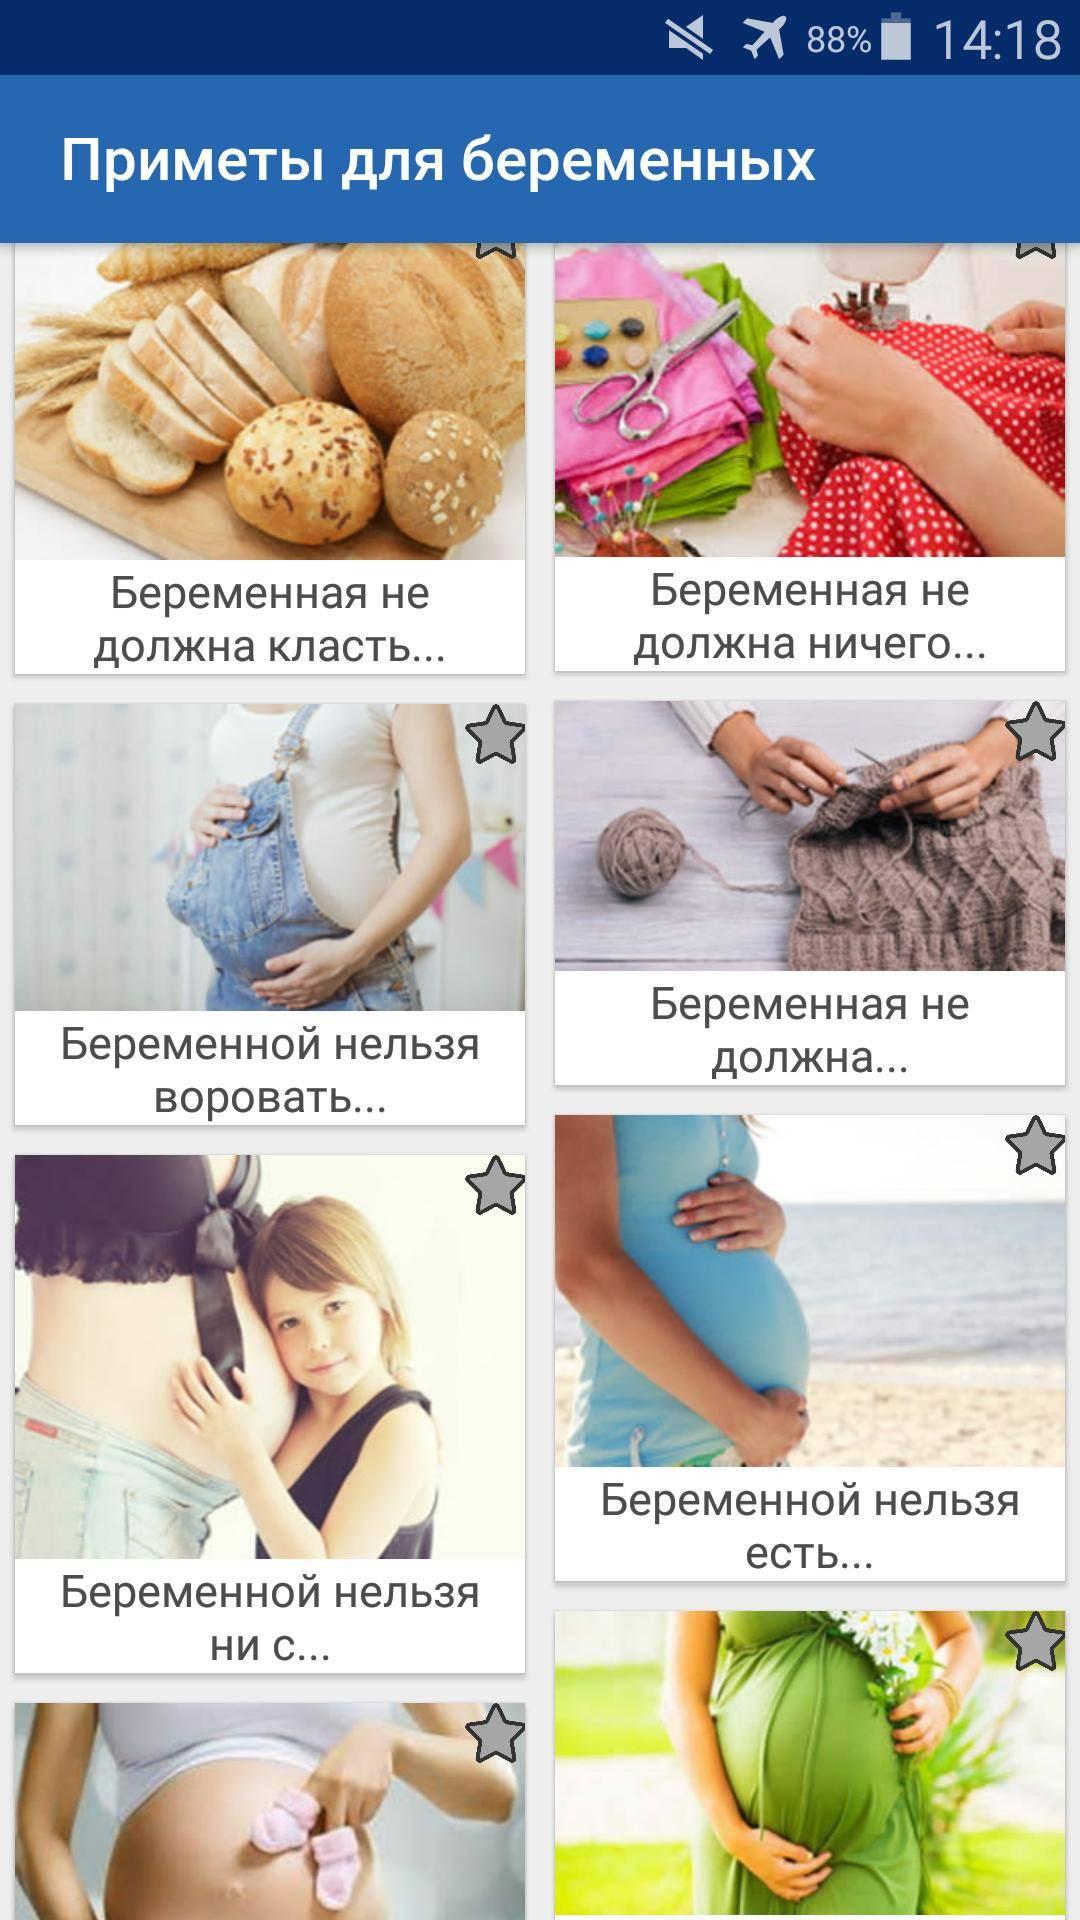 Рождение мальчика или девочки, как определить пол ребенка